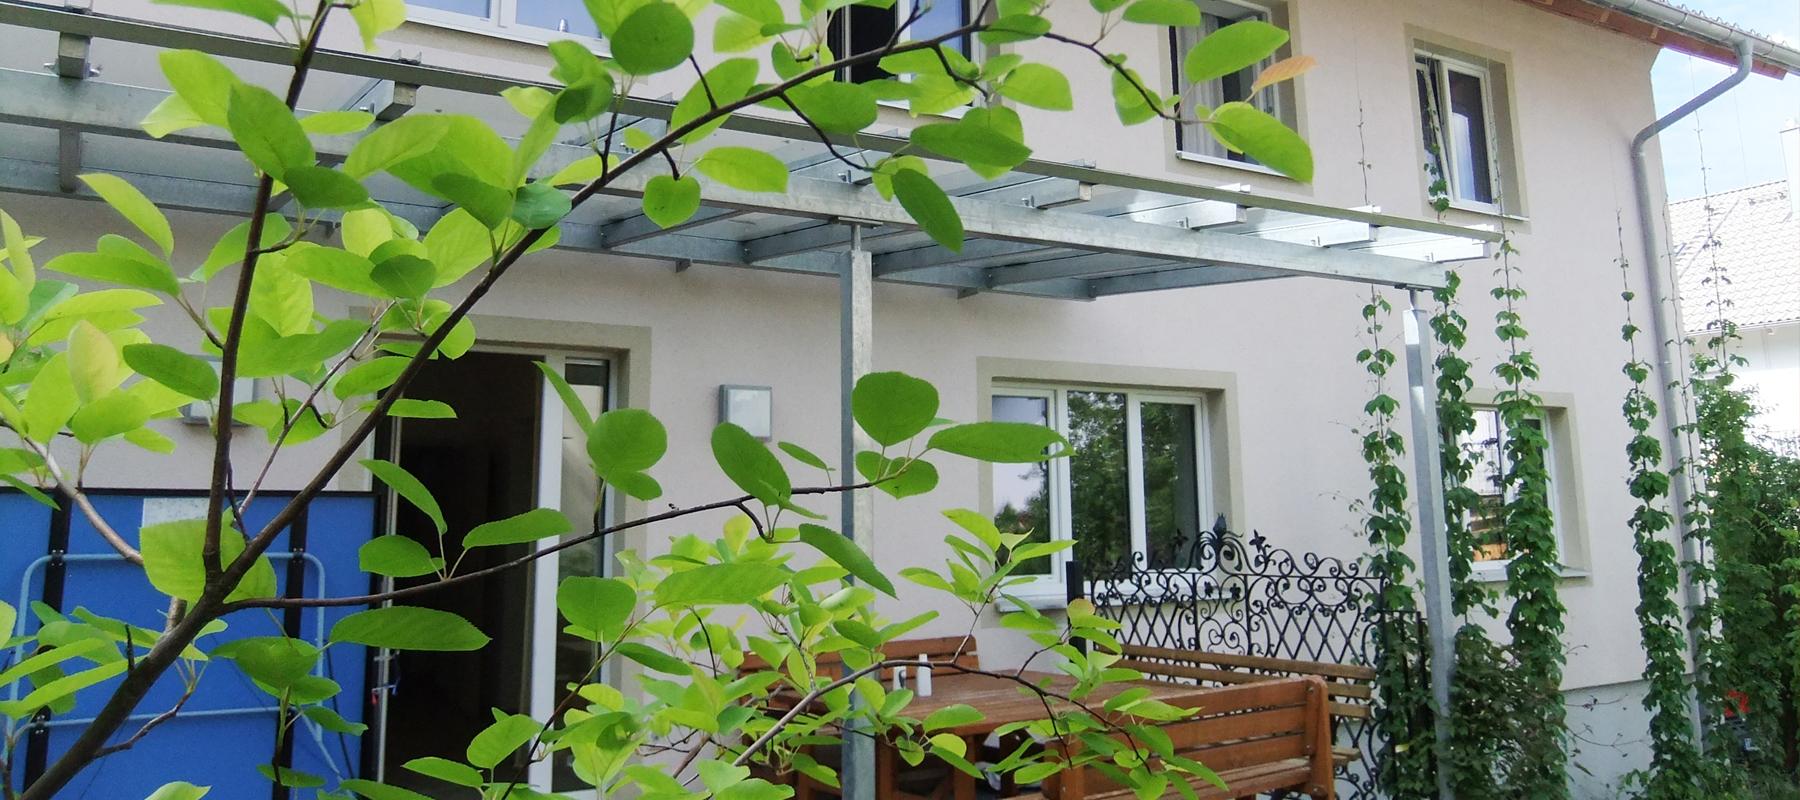 Wohngruppe-Geretsried-im-Sternstundenhaus_Inselhaus_Header